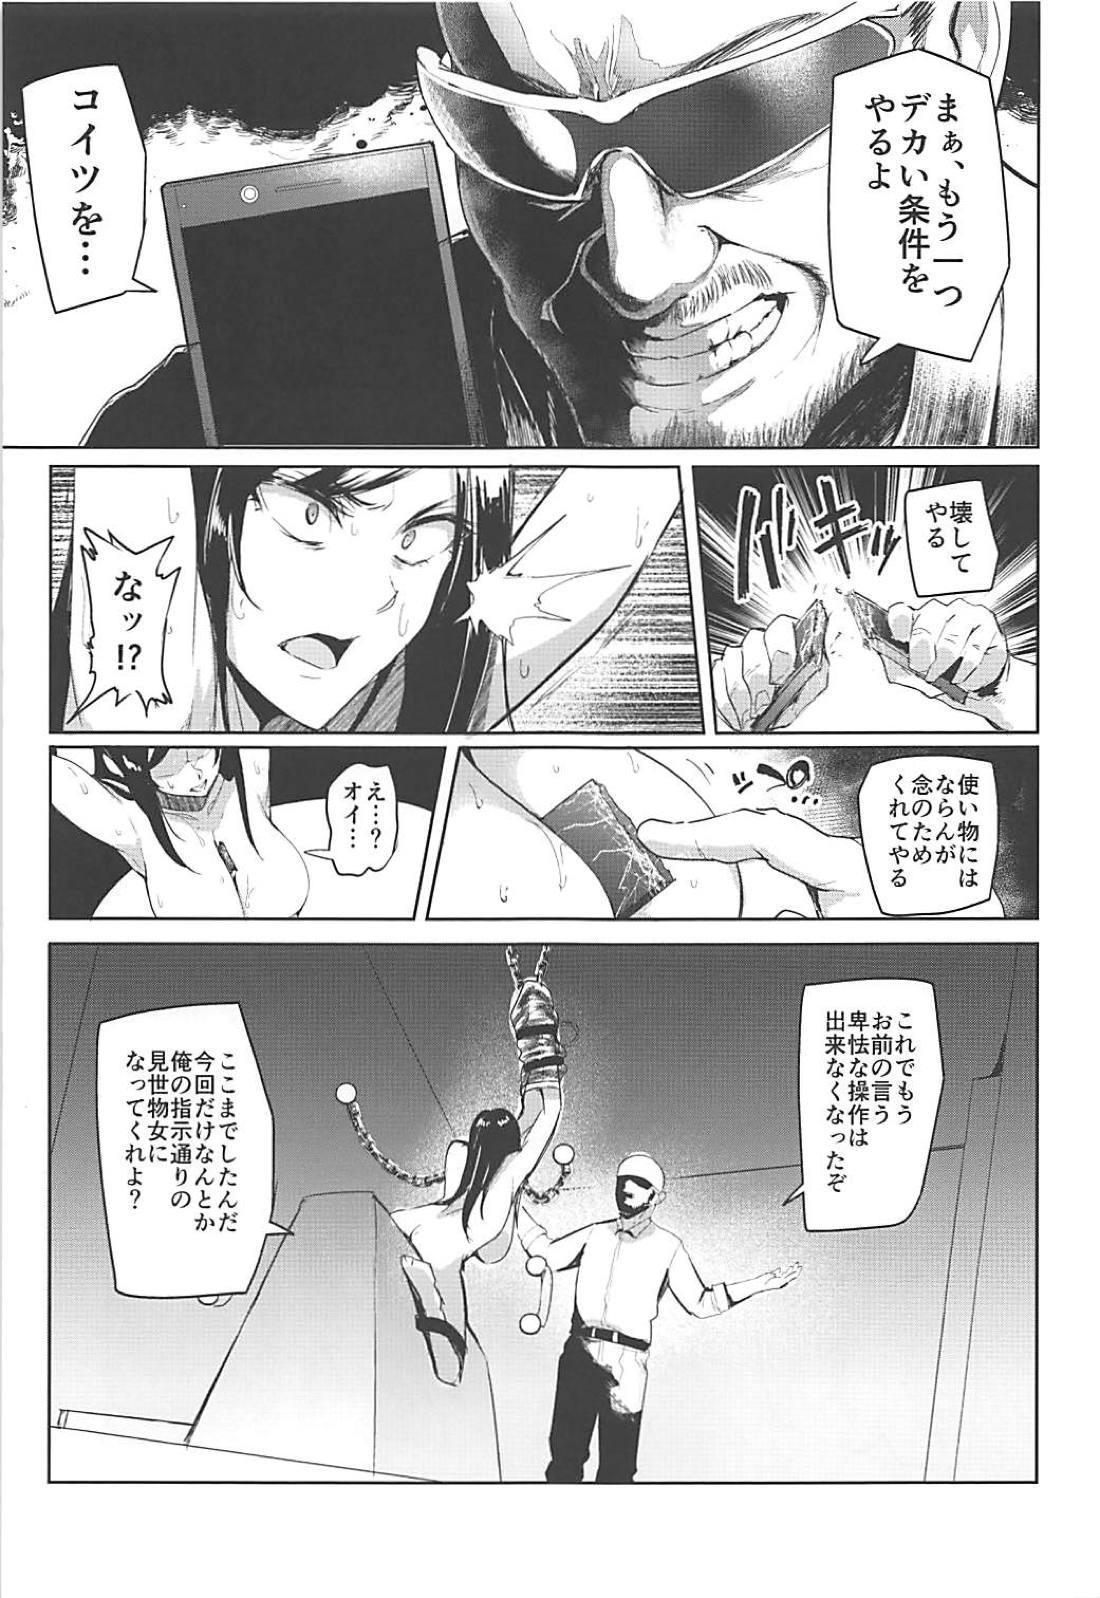 Shinai Max Mattanashi! 4 19